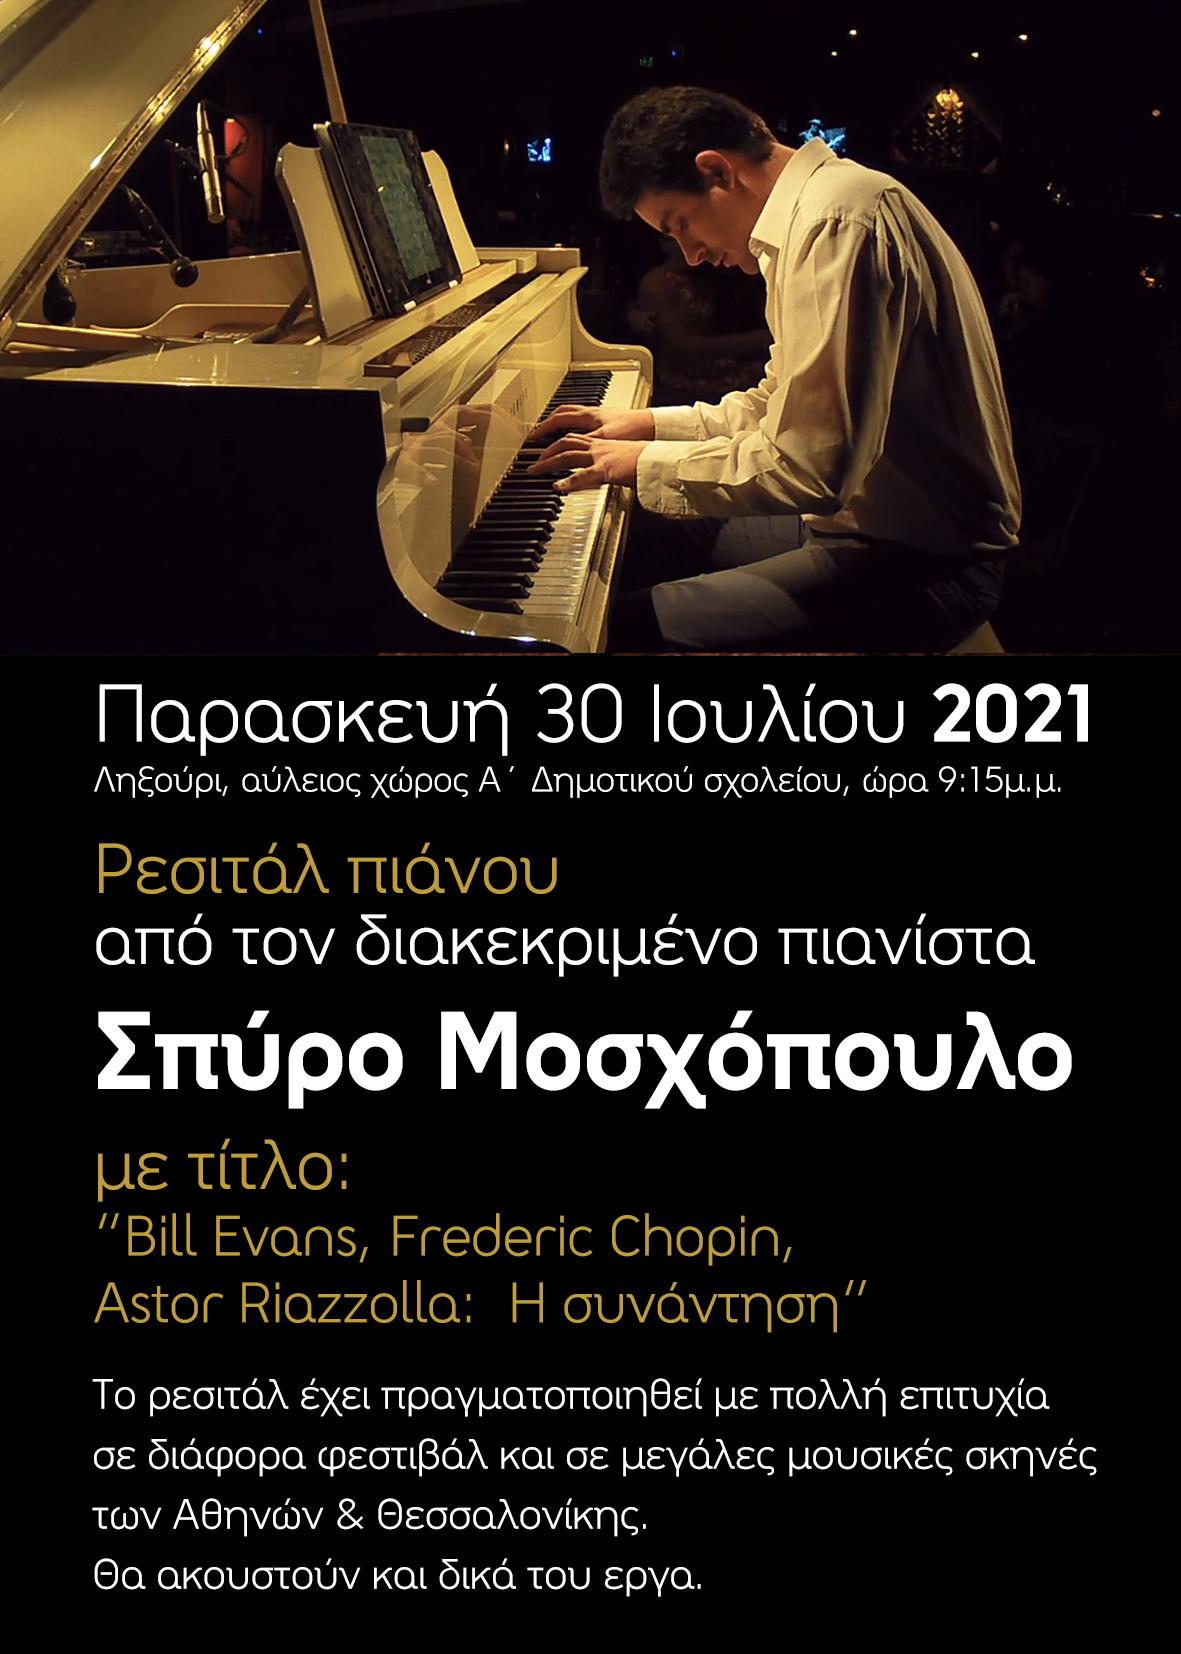 Δήμος Ληξουρίου: Μουσική βραδιά με τον διακεκριμένο συμπατριώτη μας πιανίστα Σπύρο Μοσχόπουλο